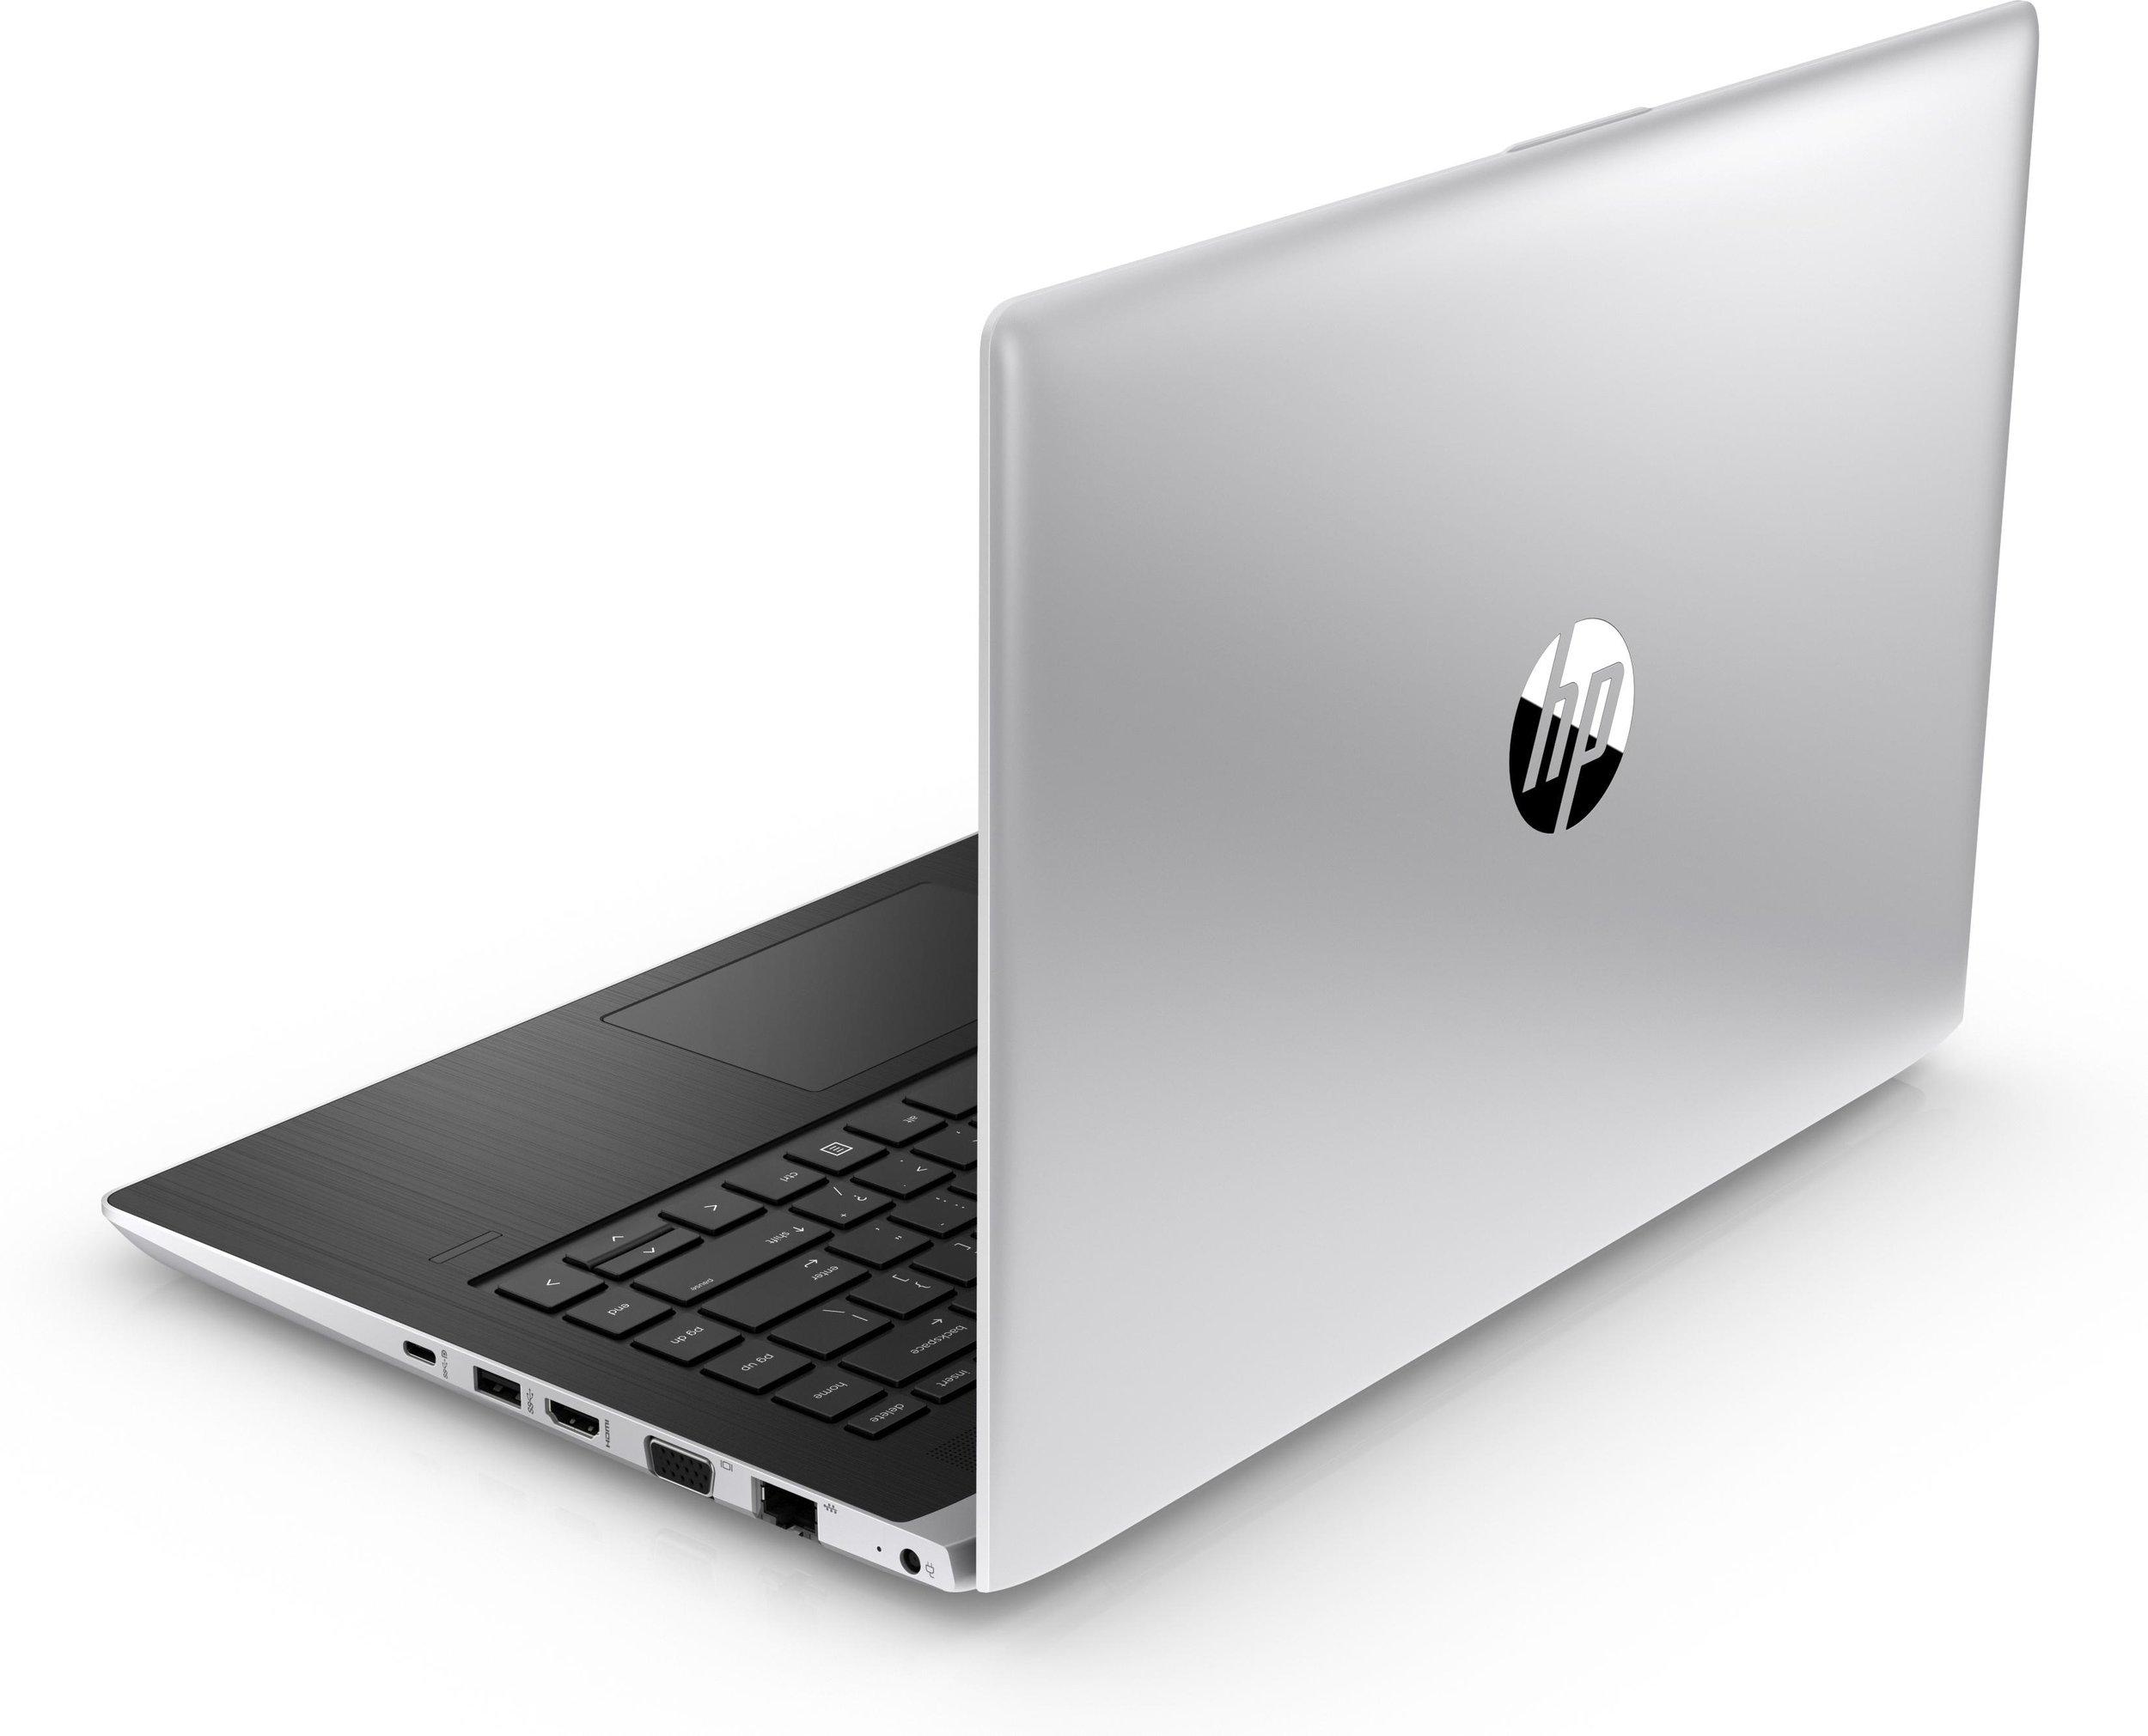 1350113637_1851293333_notebooks-laptops-hp-probook-440-g5-3gj42eaabh.jpg